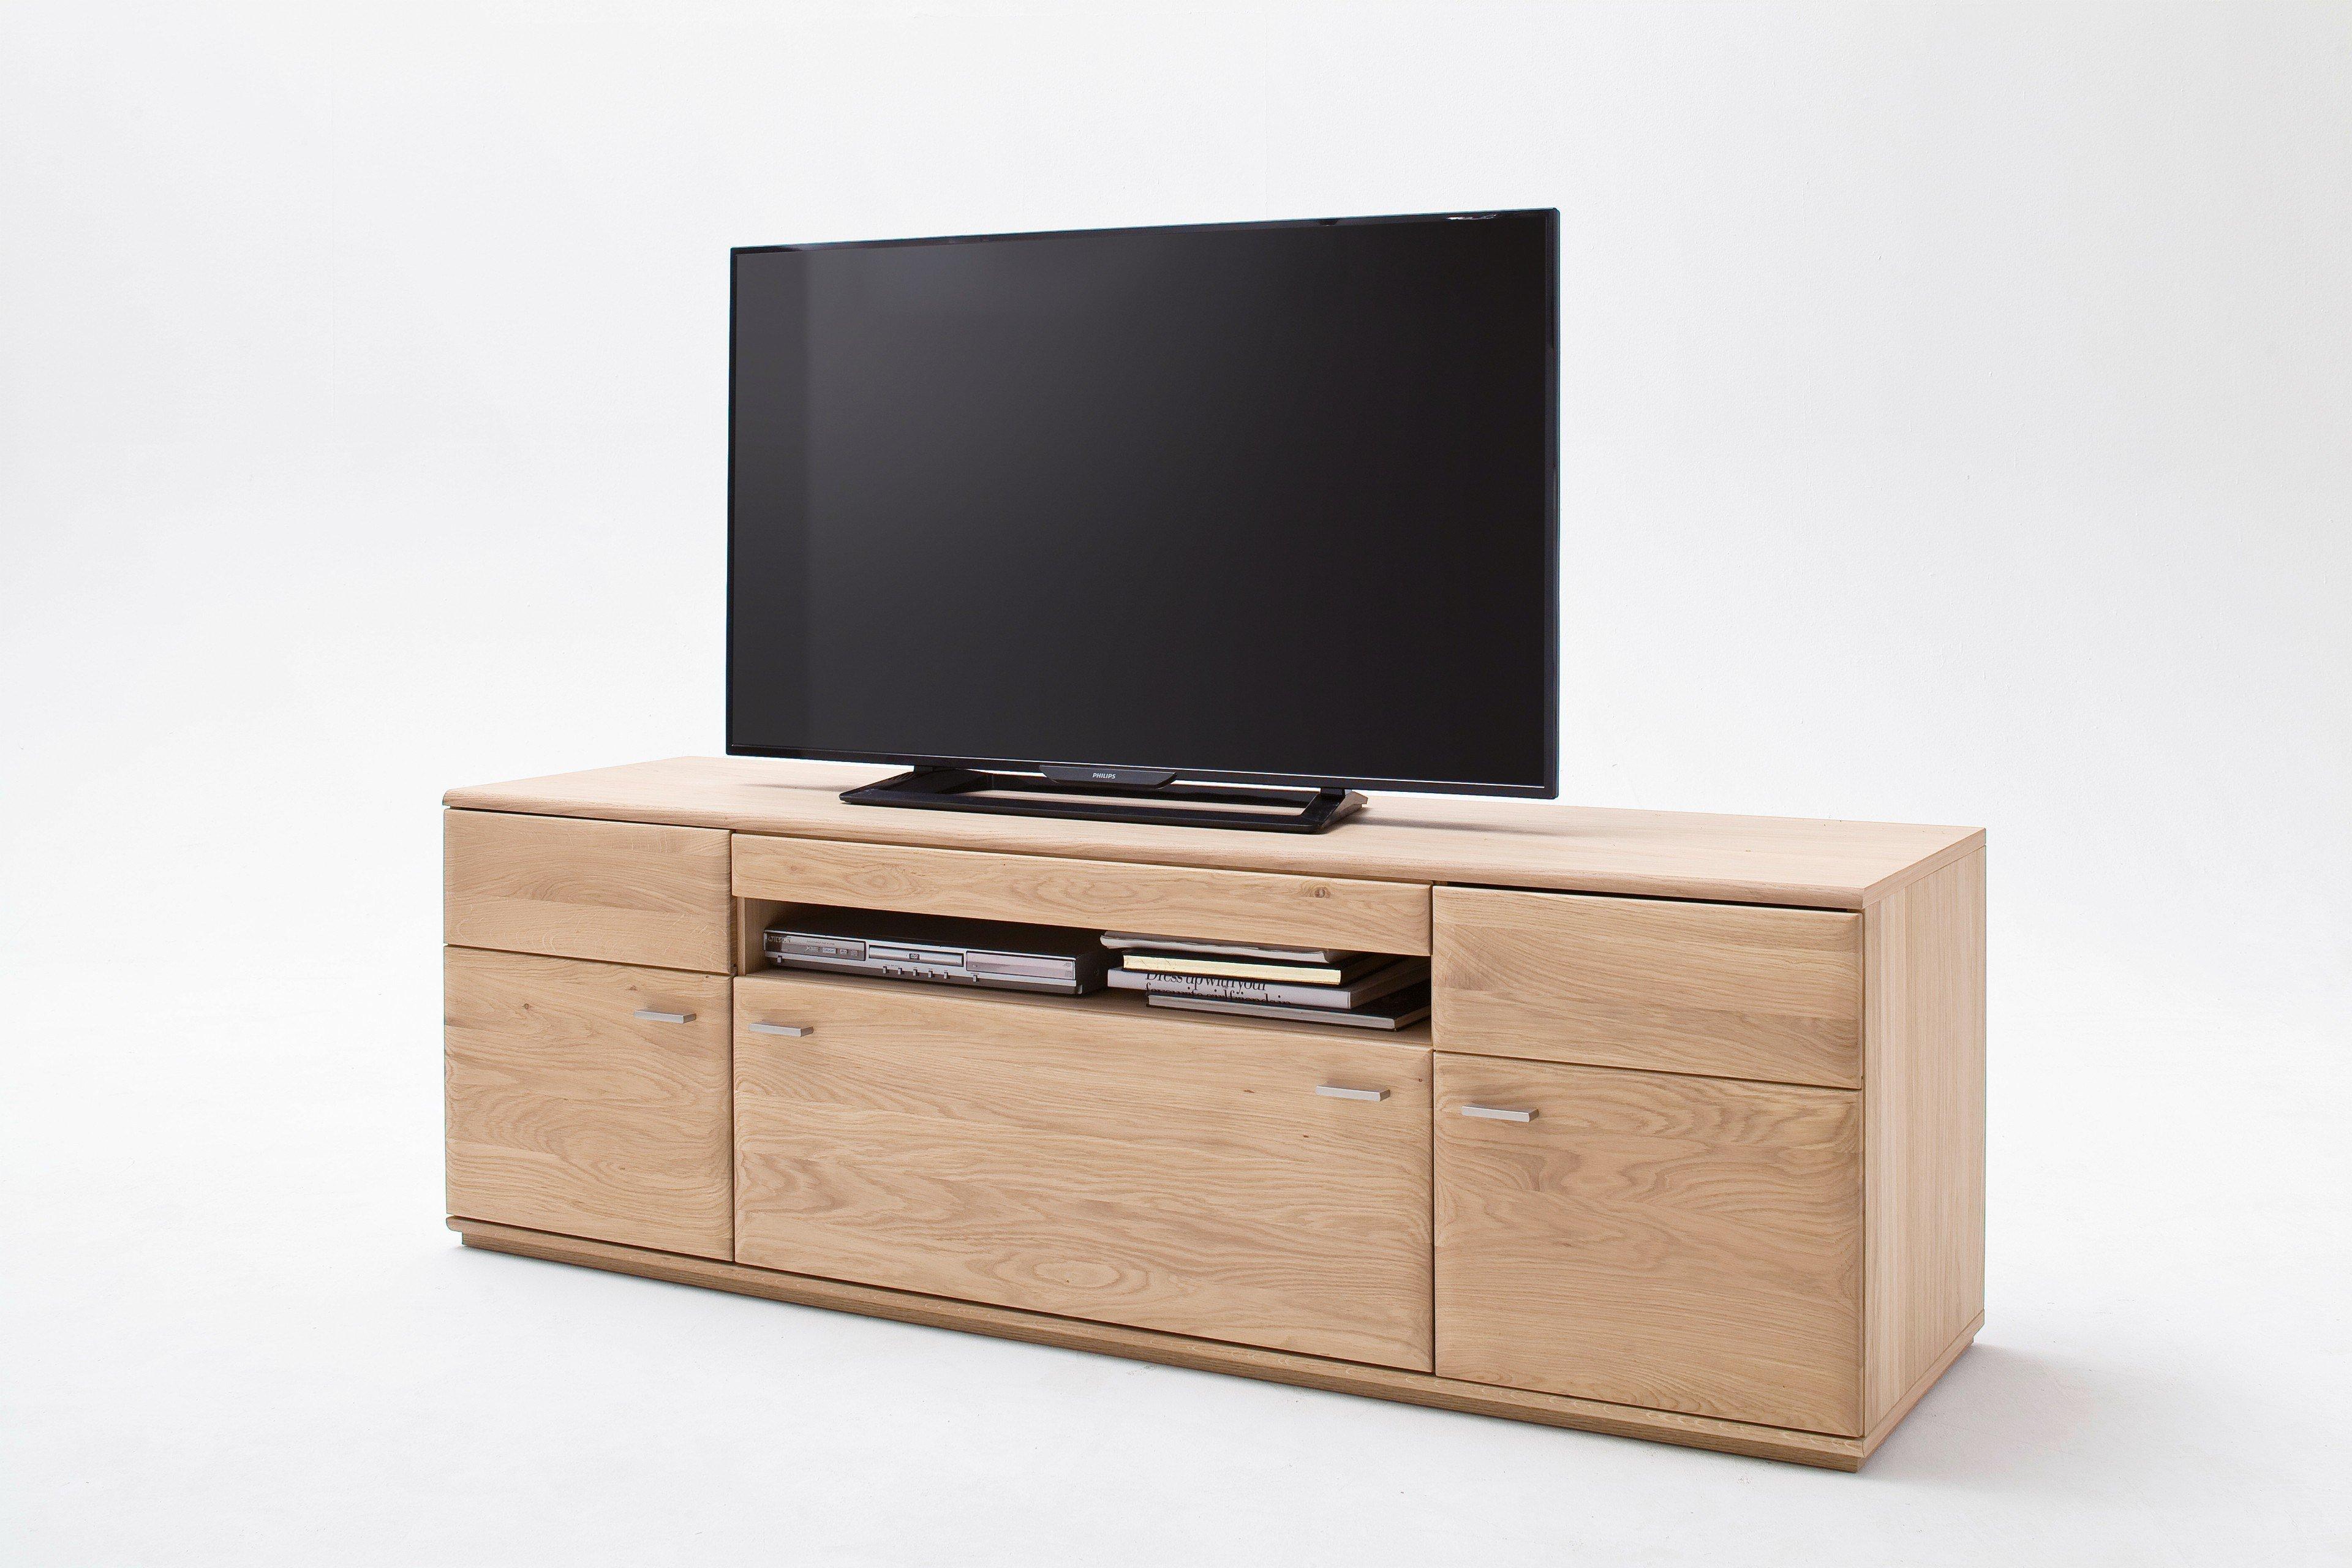 mca bologna lowboard in eiche bianco m bel letz ihr online shop. Black Bedroom Furniture Sets. Home Design Ideas